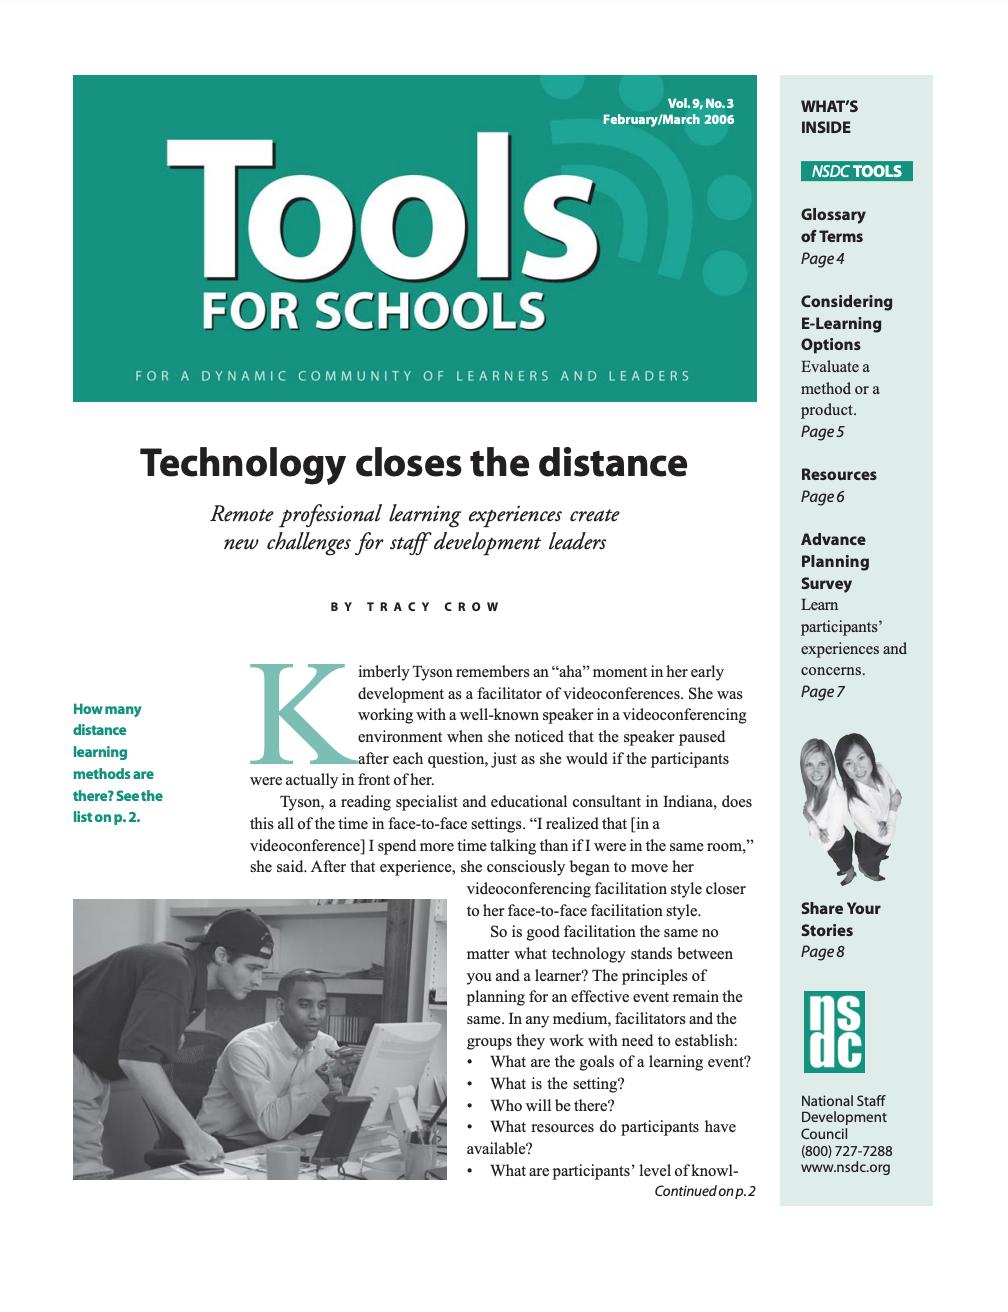 tools-for-schools-february-march-vol-9-no-3